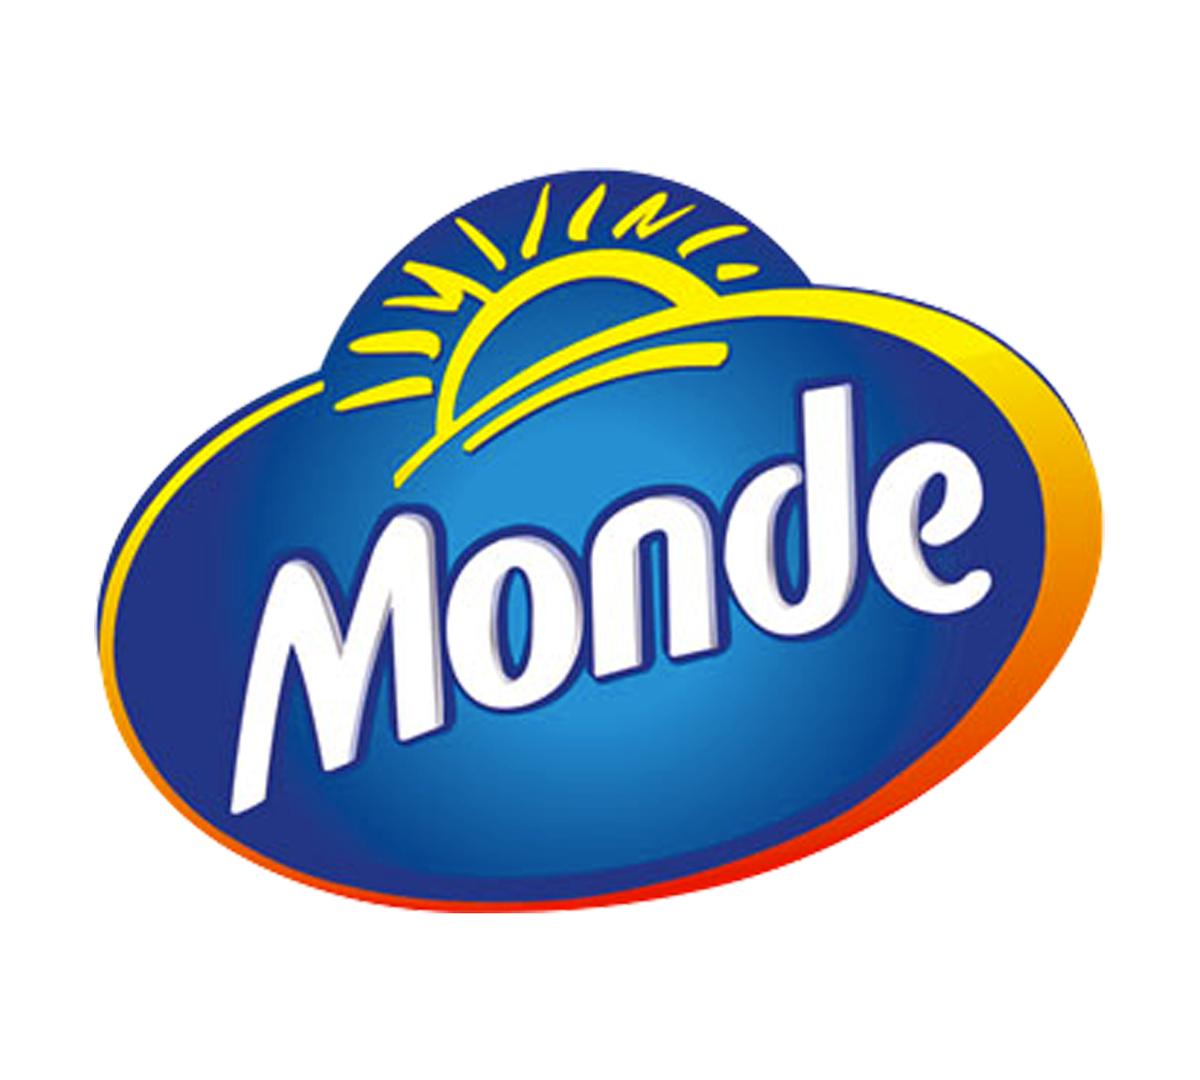 monde-logo-png-6.png